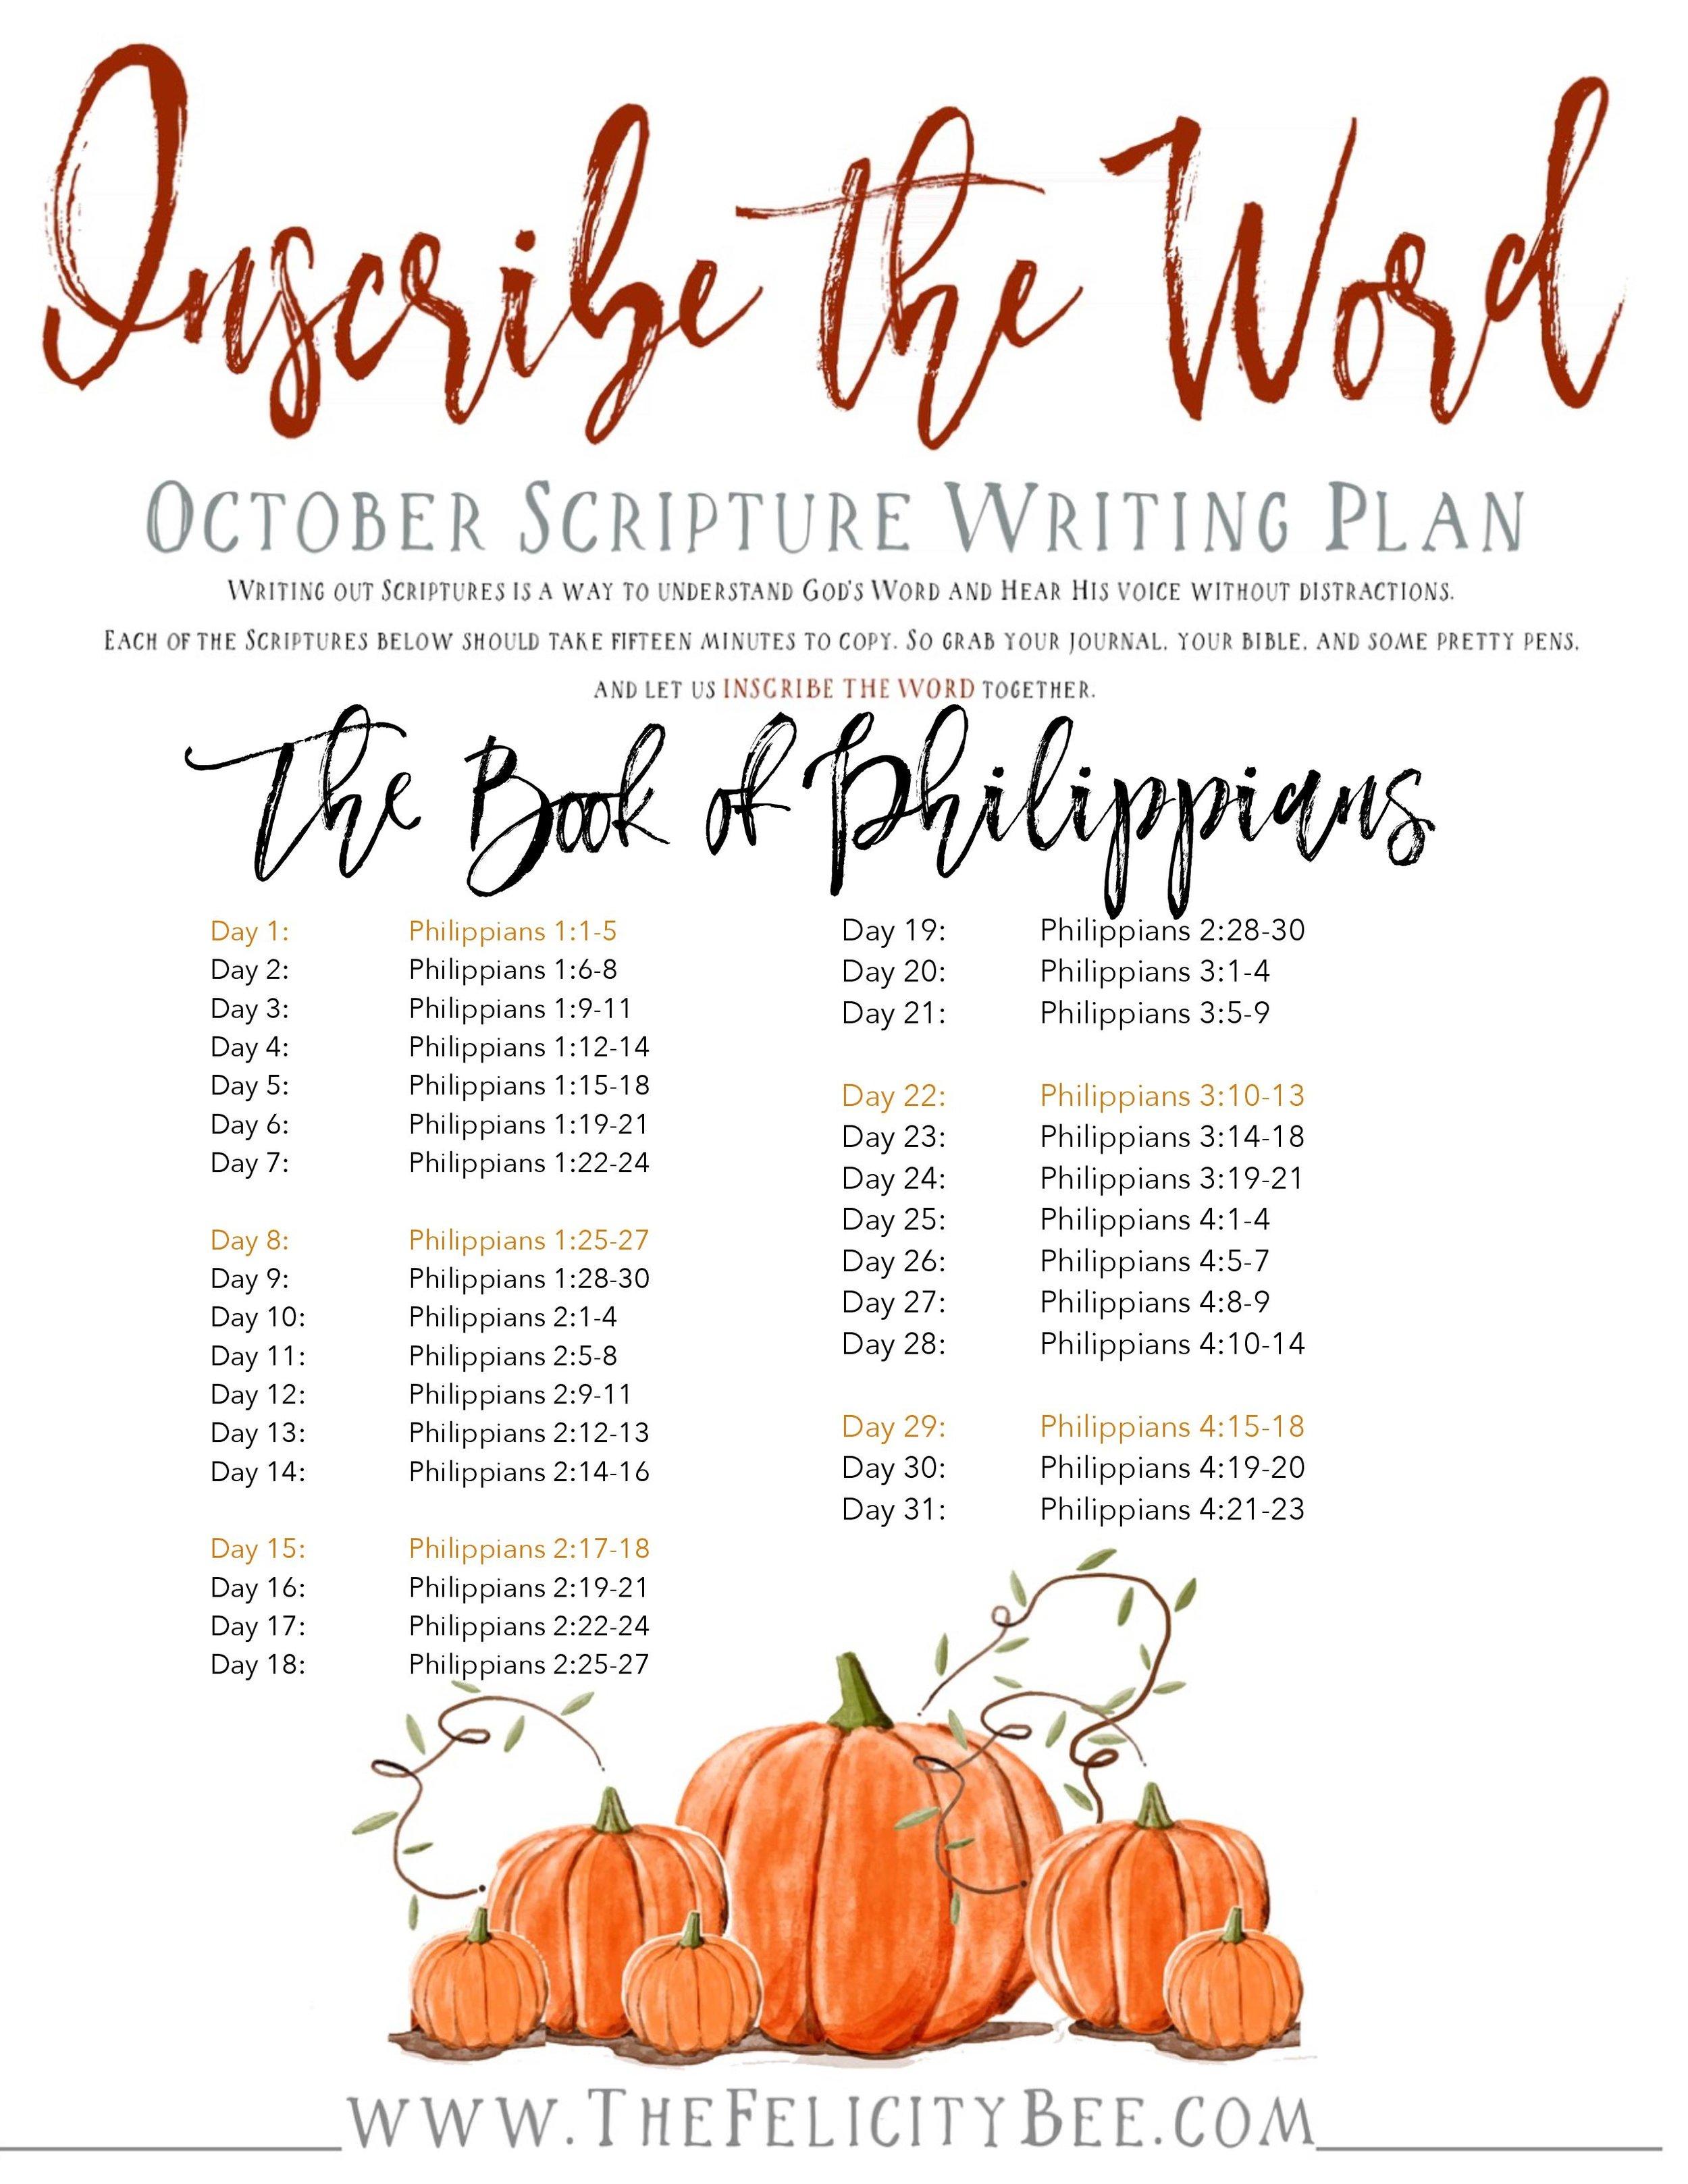 Scripture-Writing-Plan-Felicity-Bee-October